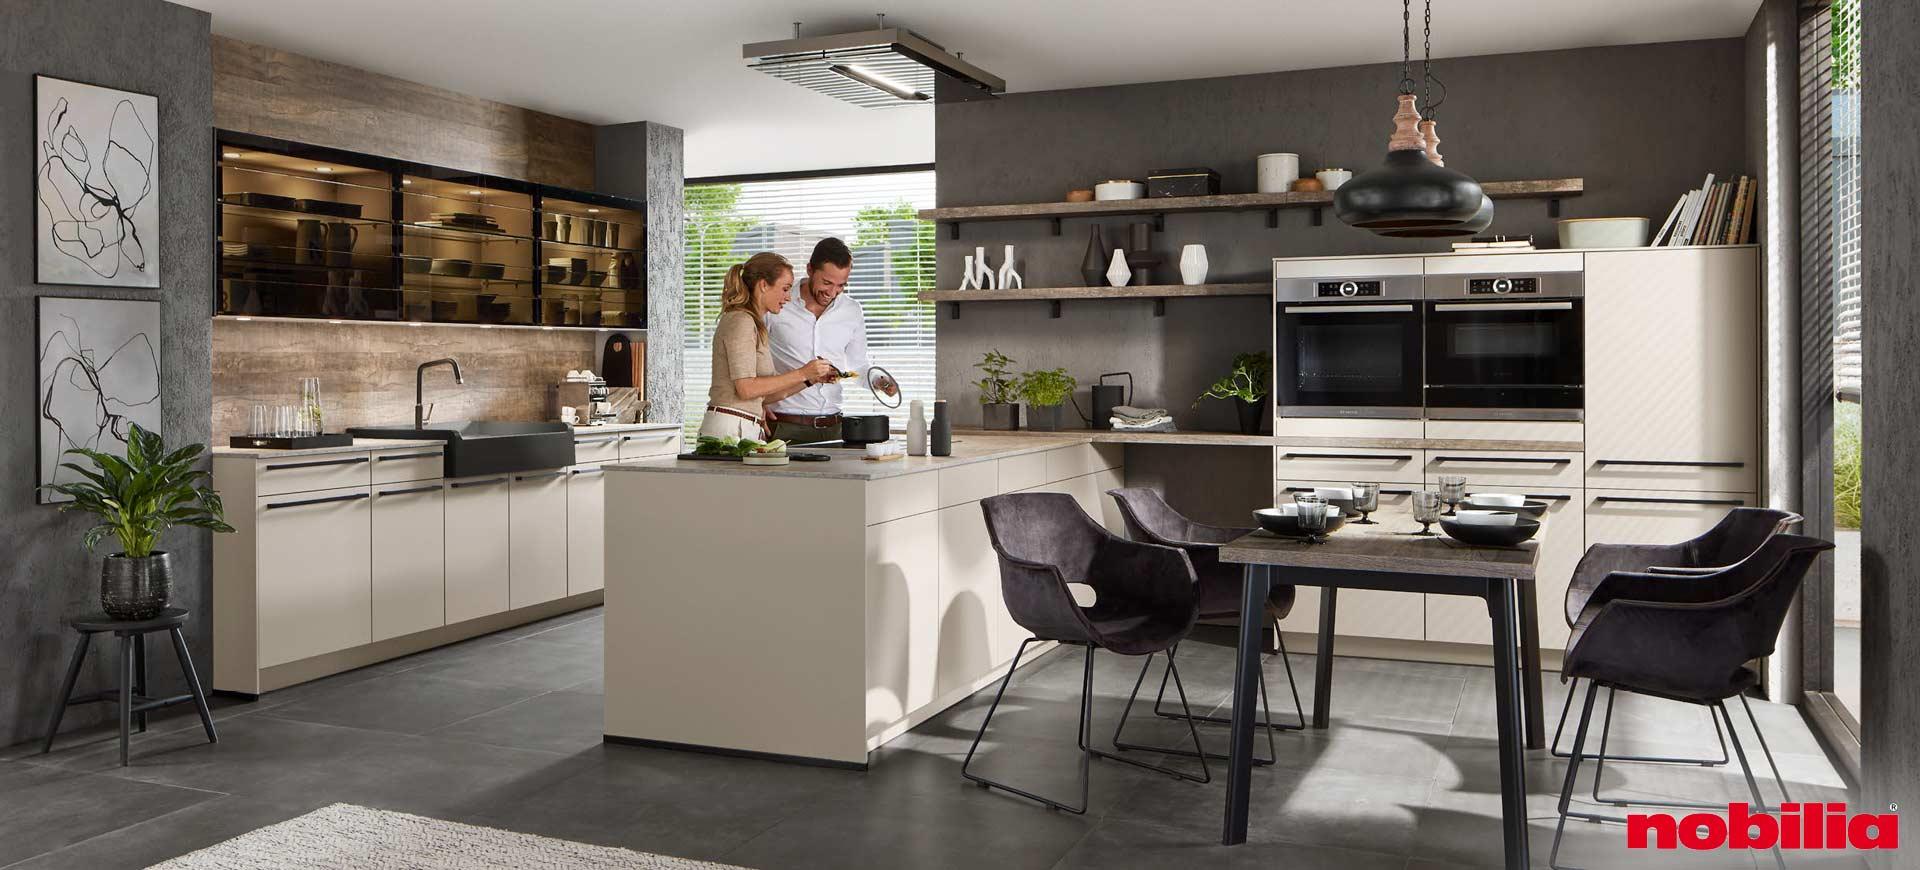 Küchen Bremen möbel u küchen reinecke möbel und küchen in delmenhorst nahe bremen